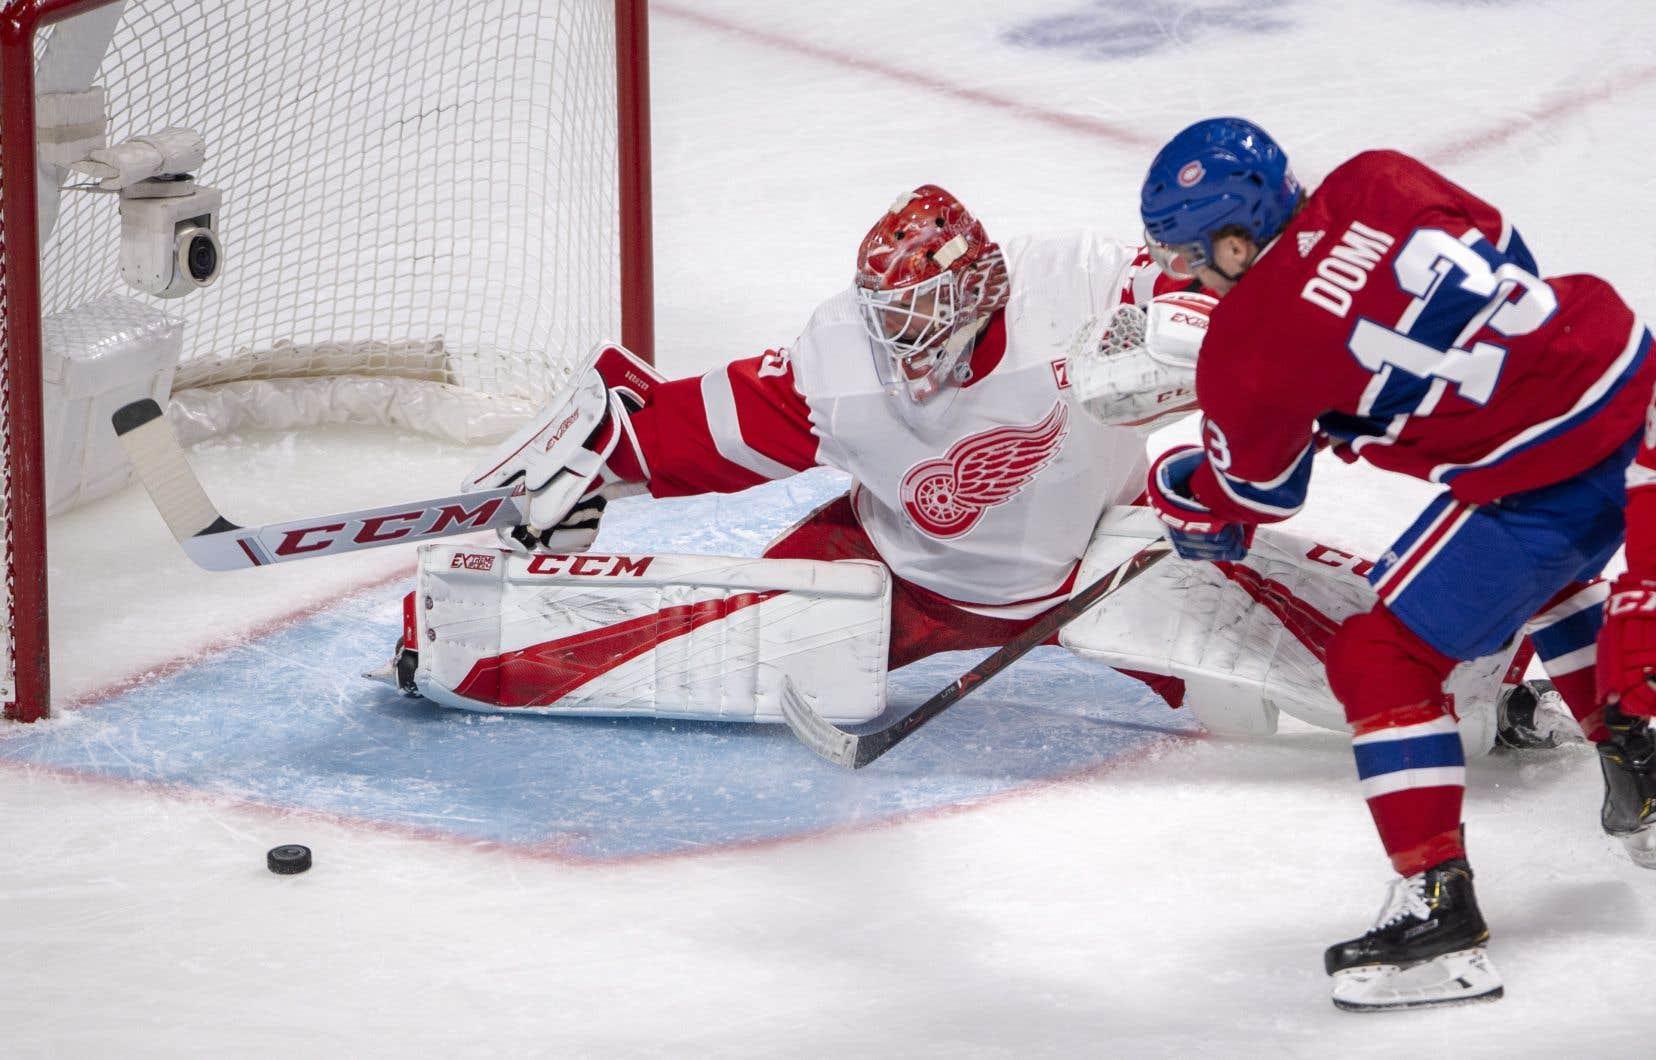 Le Canadien de Montréal a notamment gagné grâce à la performance de Max Domi, auteur de deux buts.